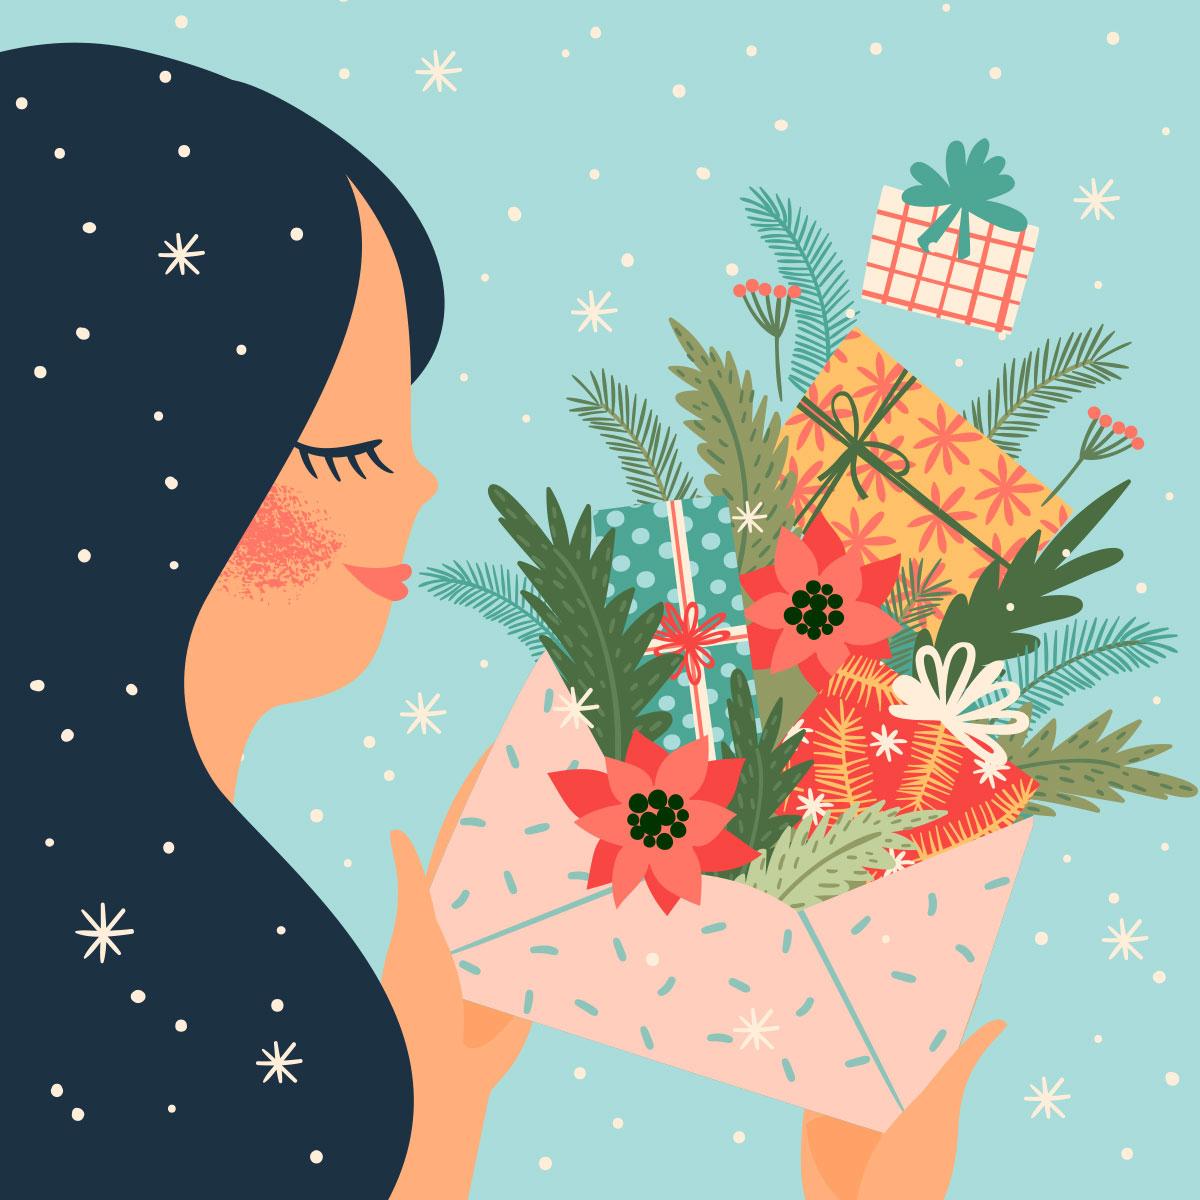 Цветы и подарки, выпадающие из почтового конверта в руках девушки-брюнетки.